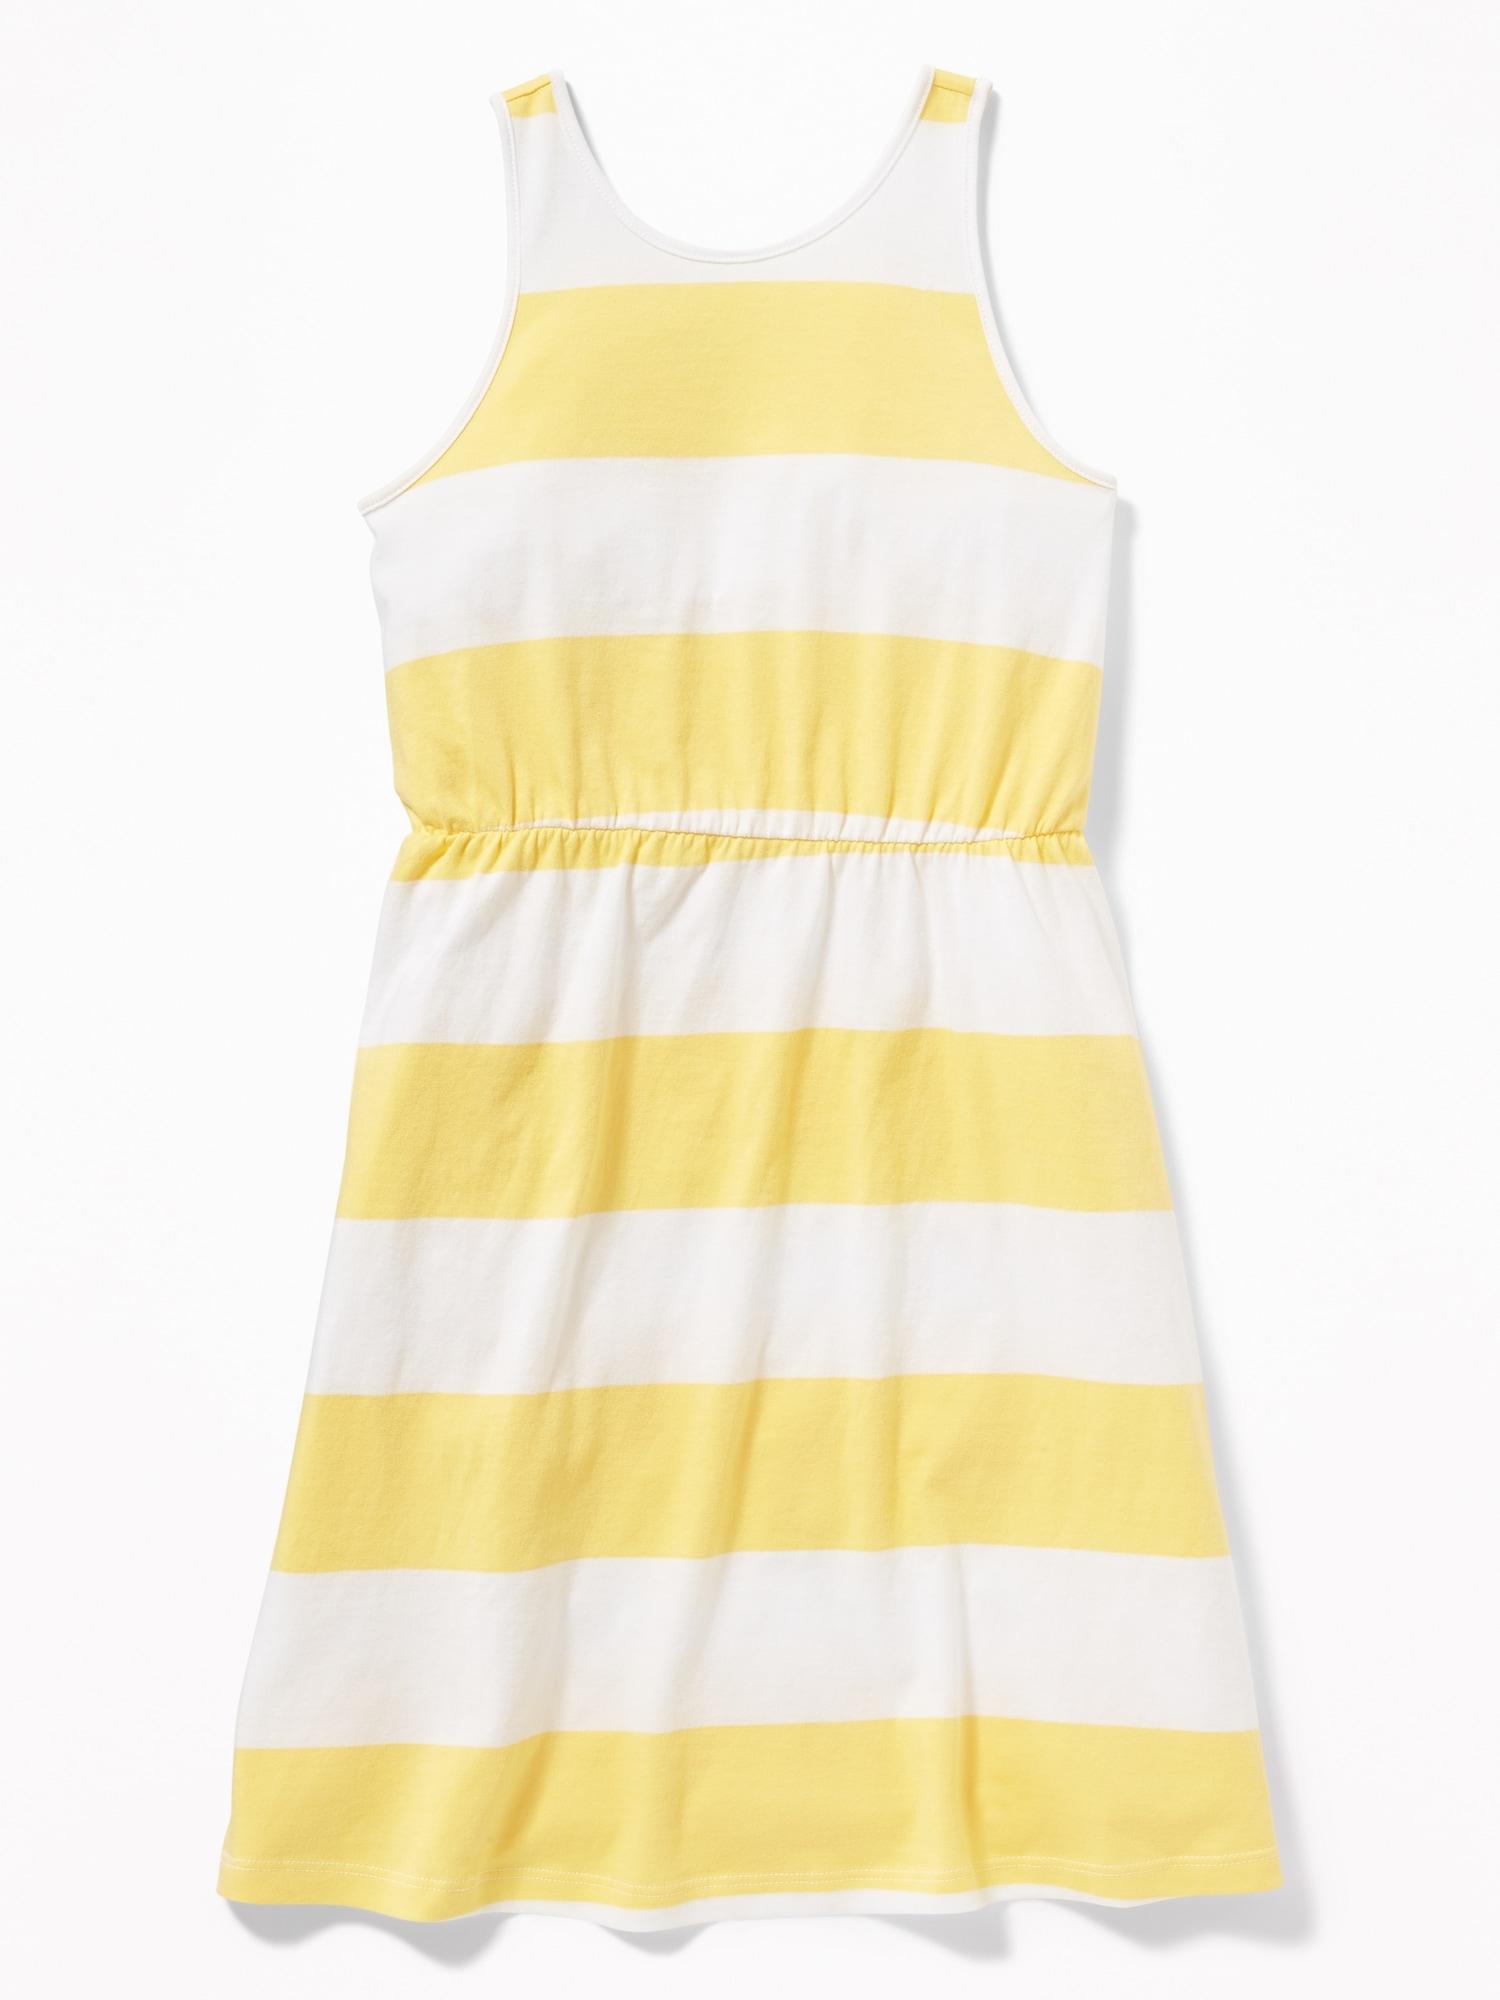 6ba1689c9 Patterned Jersey Fit   Flare V-Back Dress for Girls